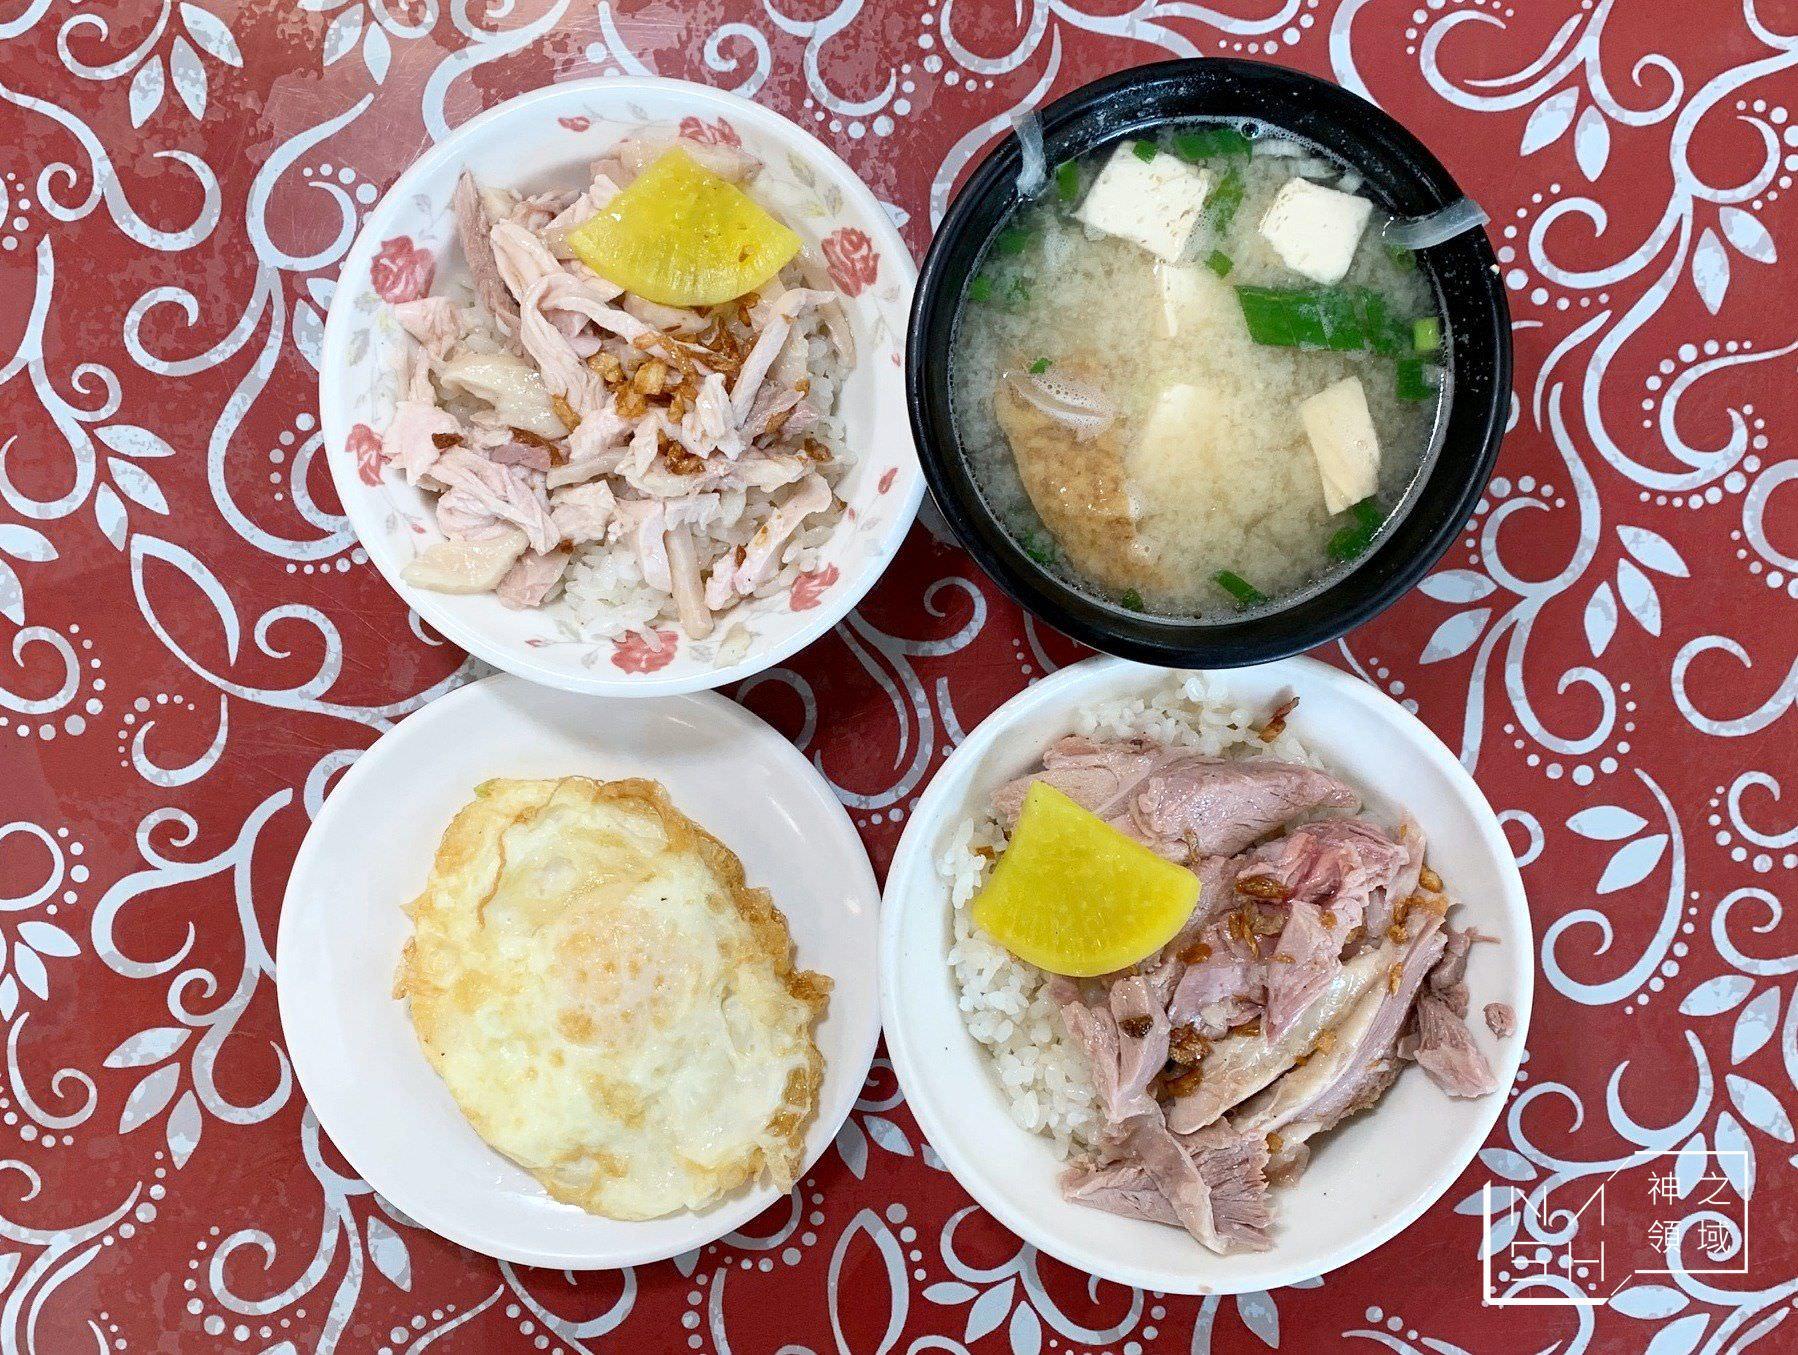 阿宏師火雞肉飯